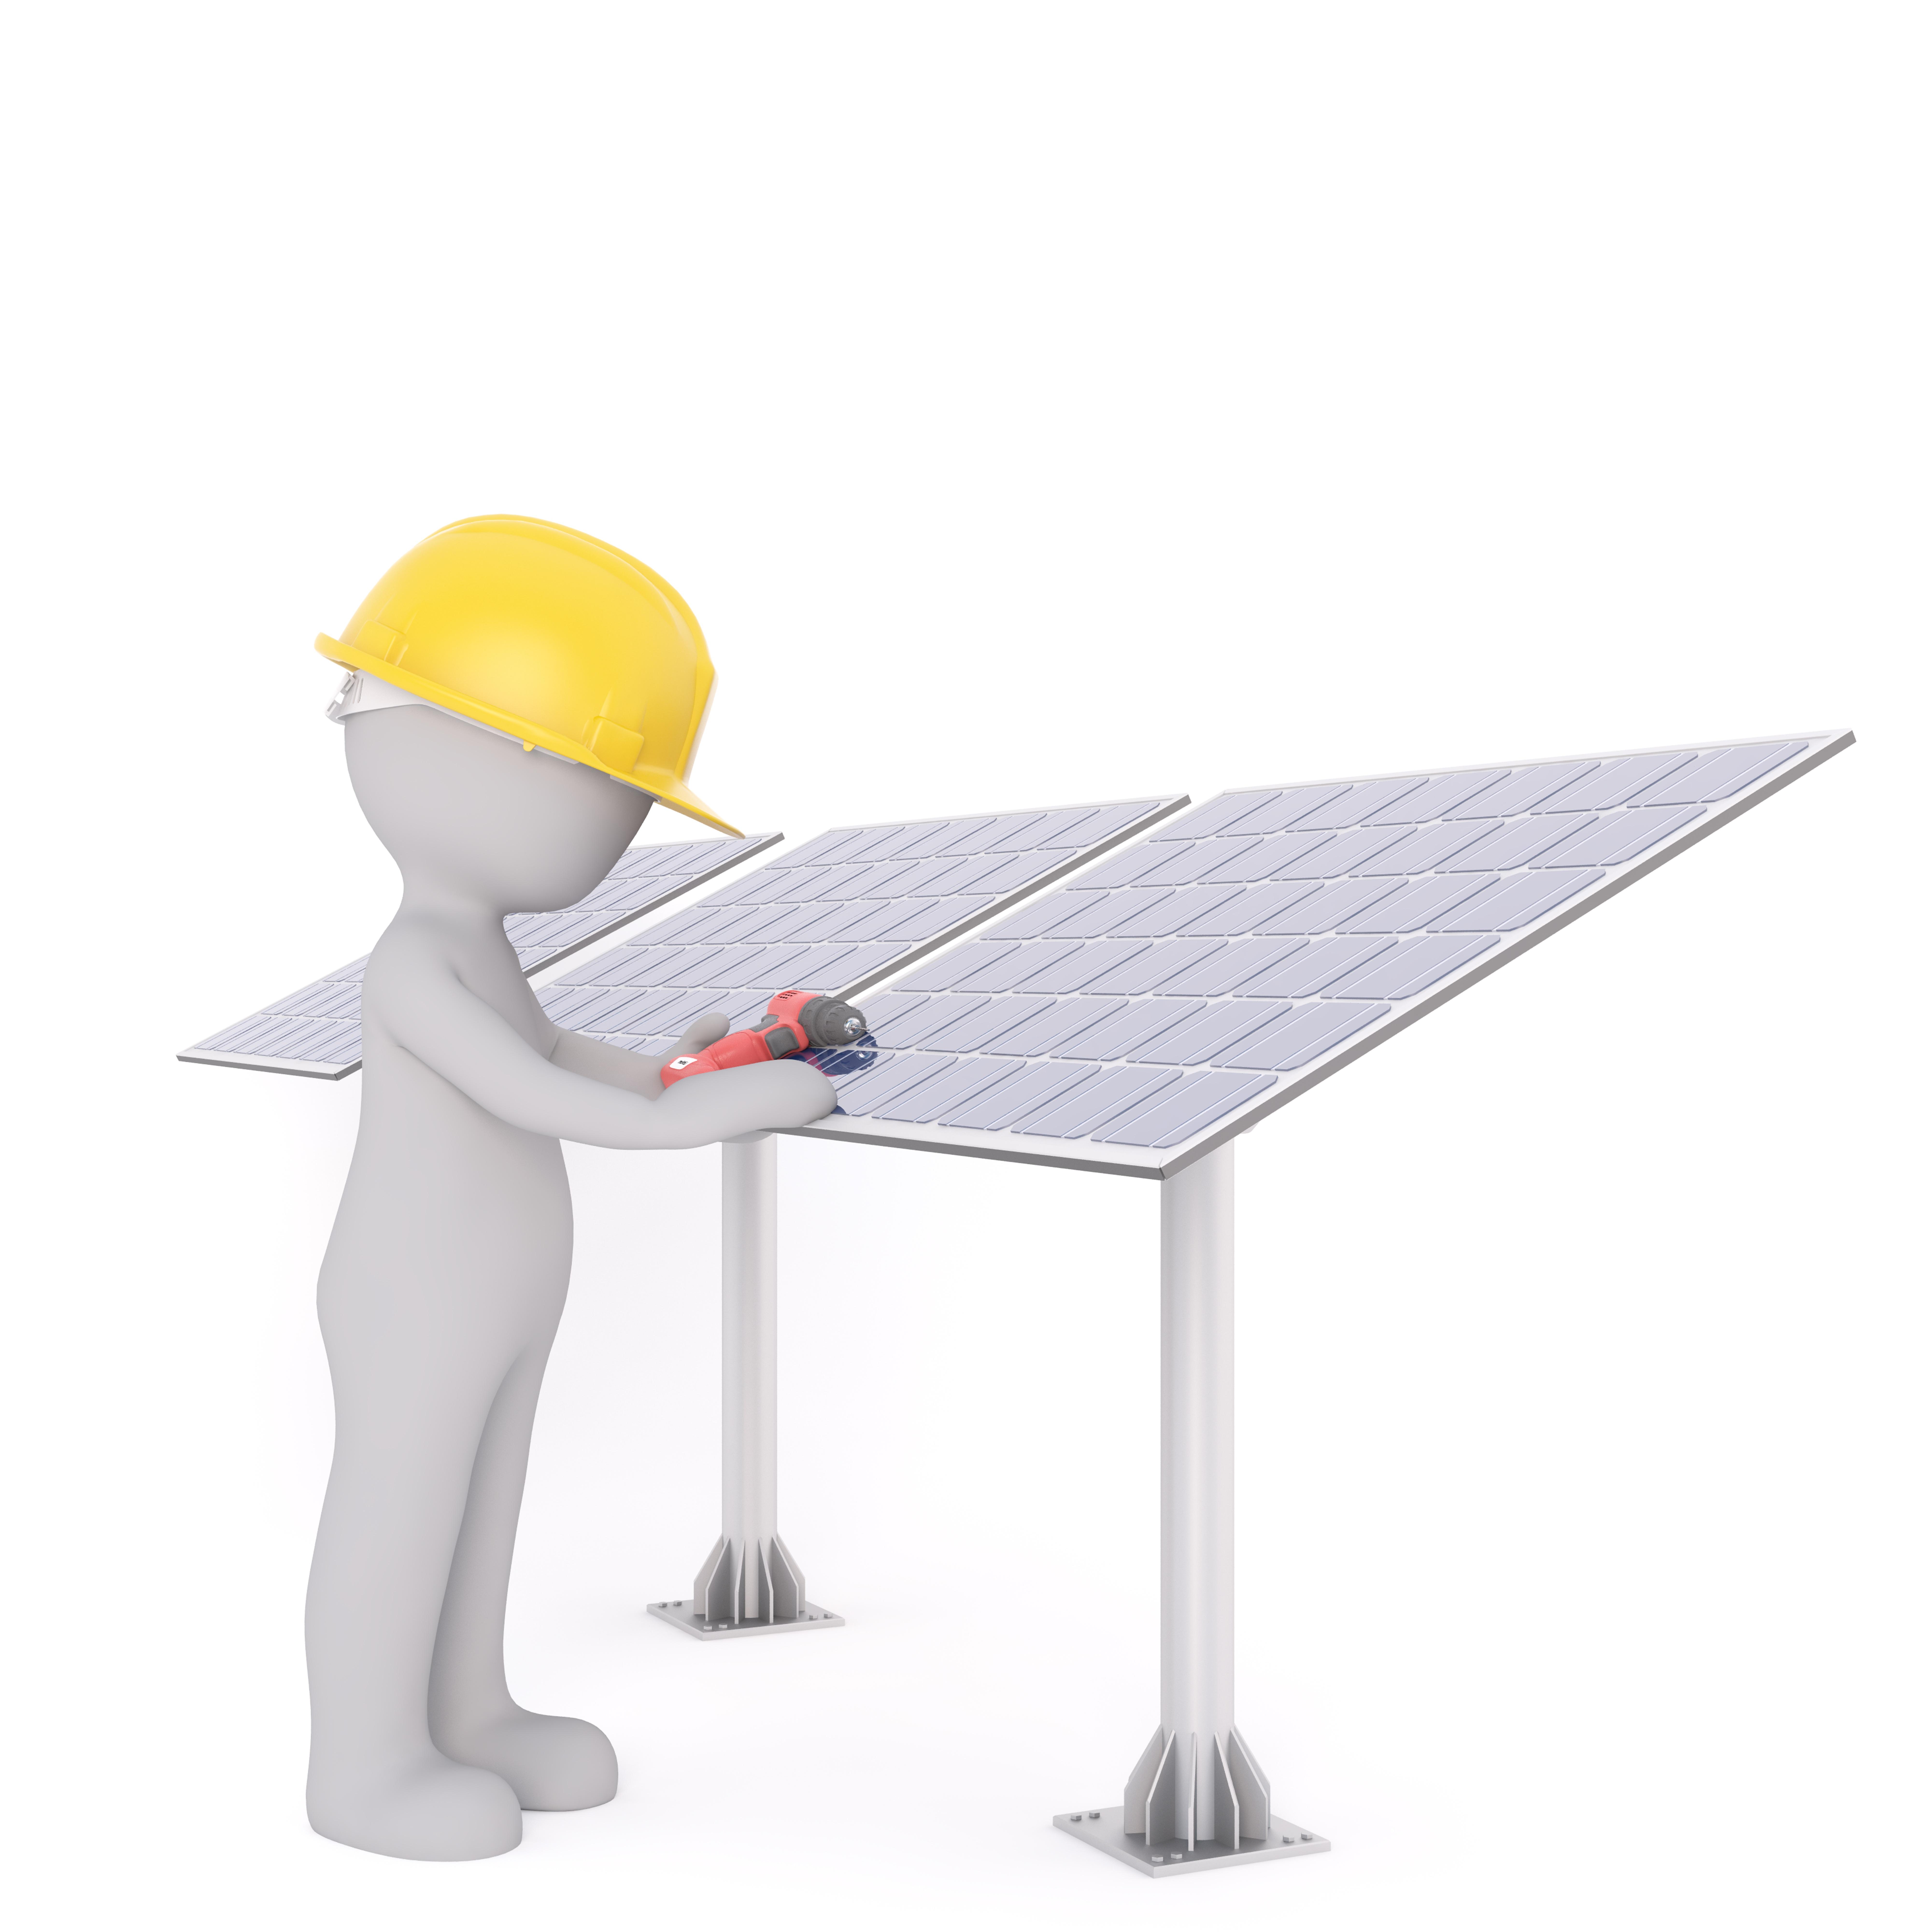 panneau photovoltaiquue eco solution energie